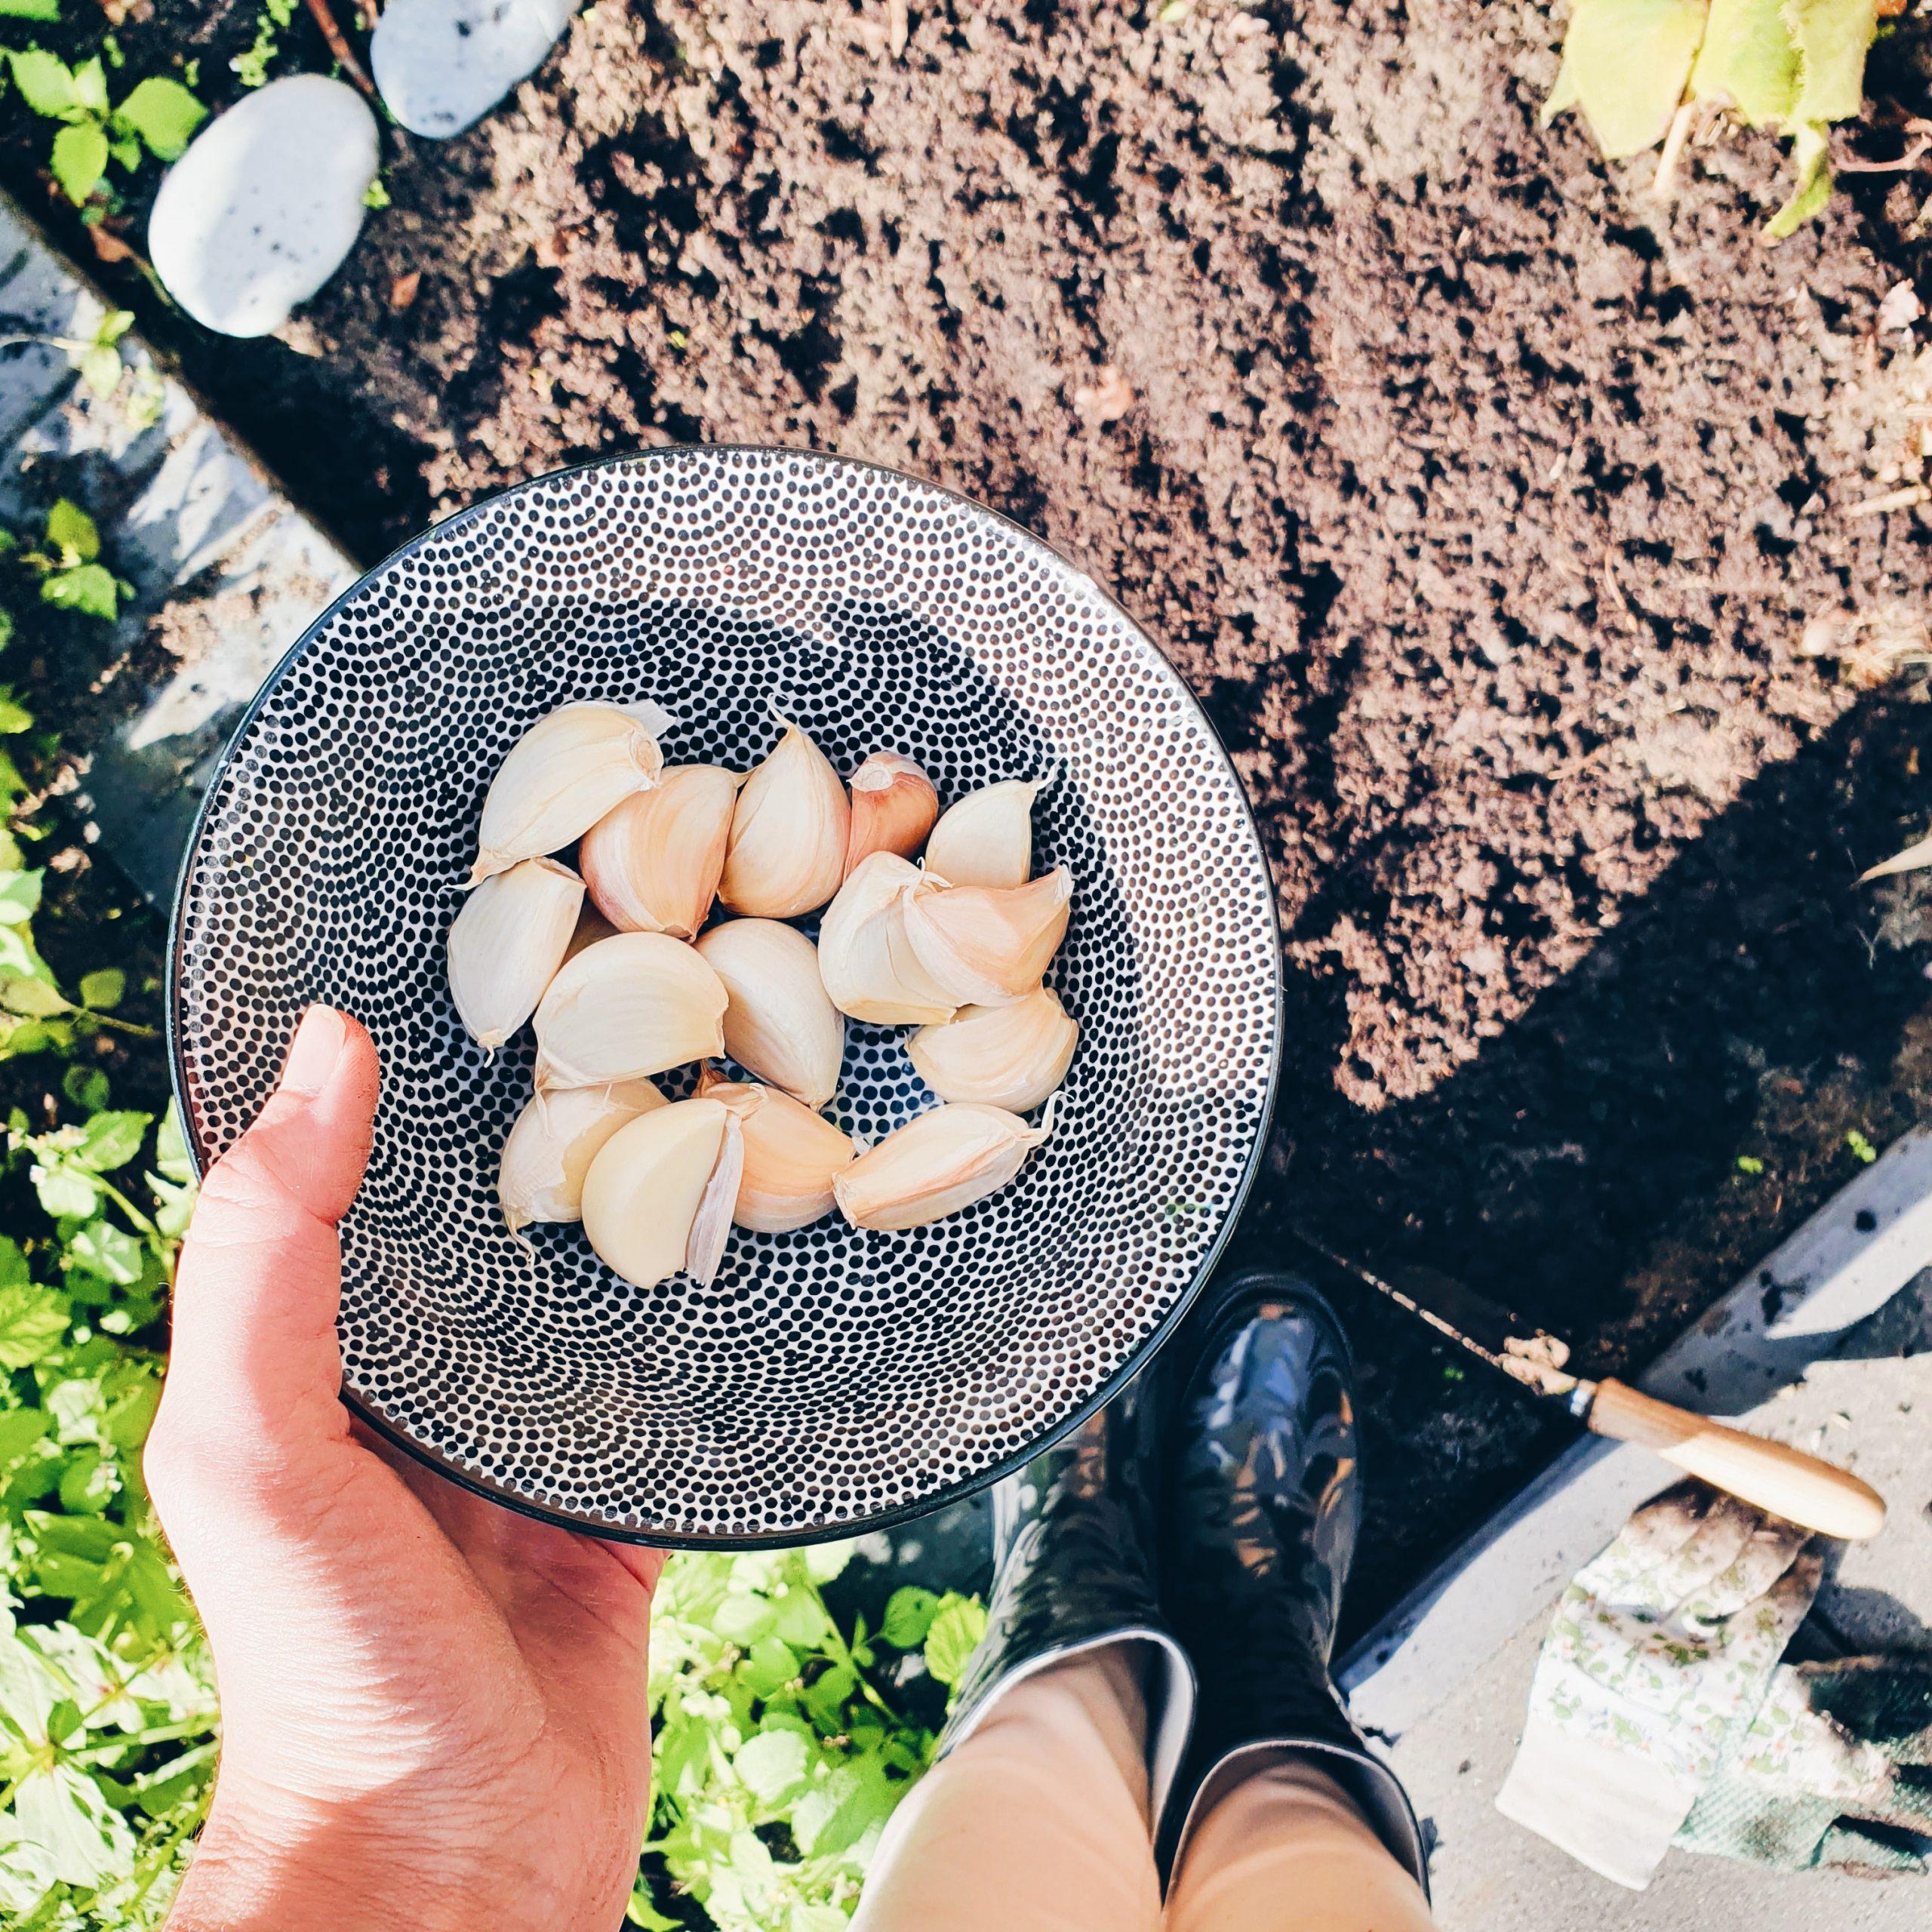 Zelf knoflook kweken en planten in de tuin